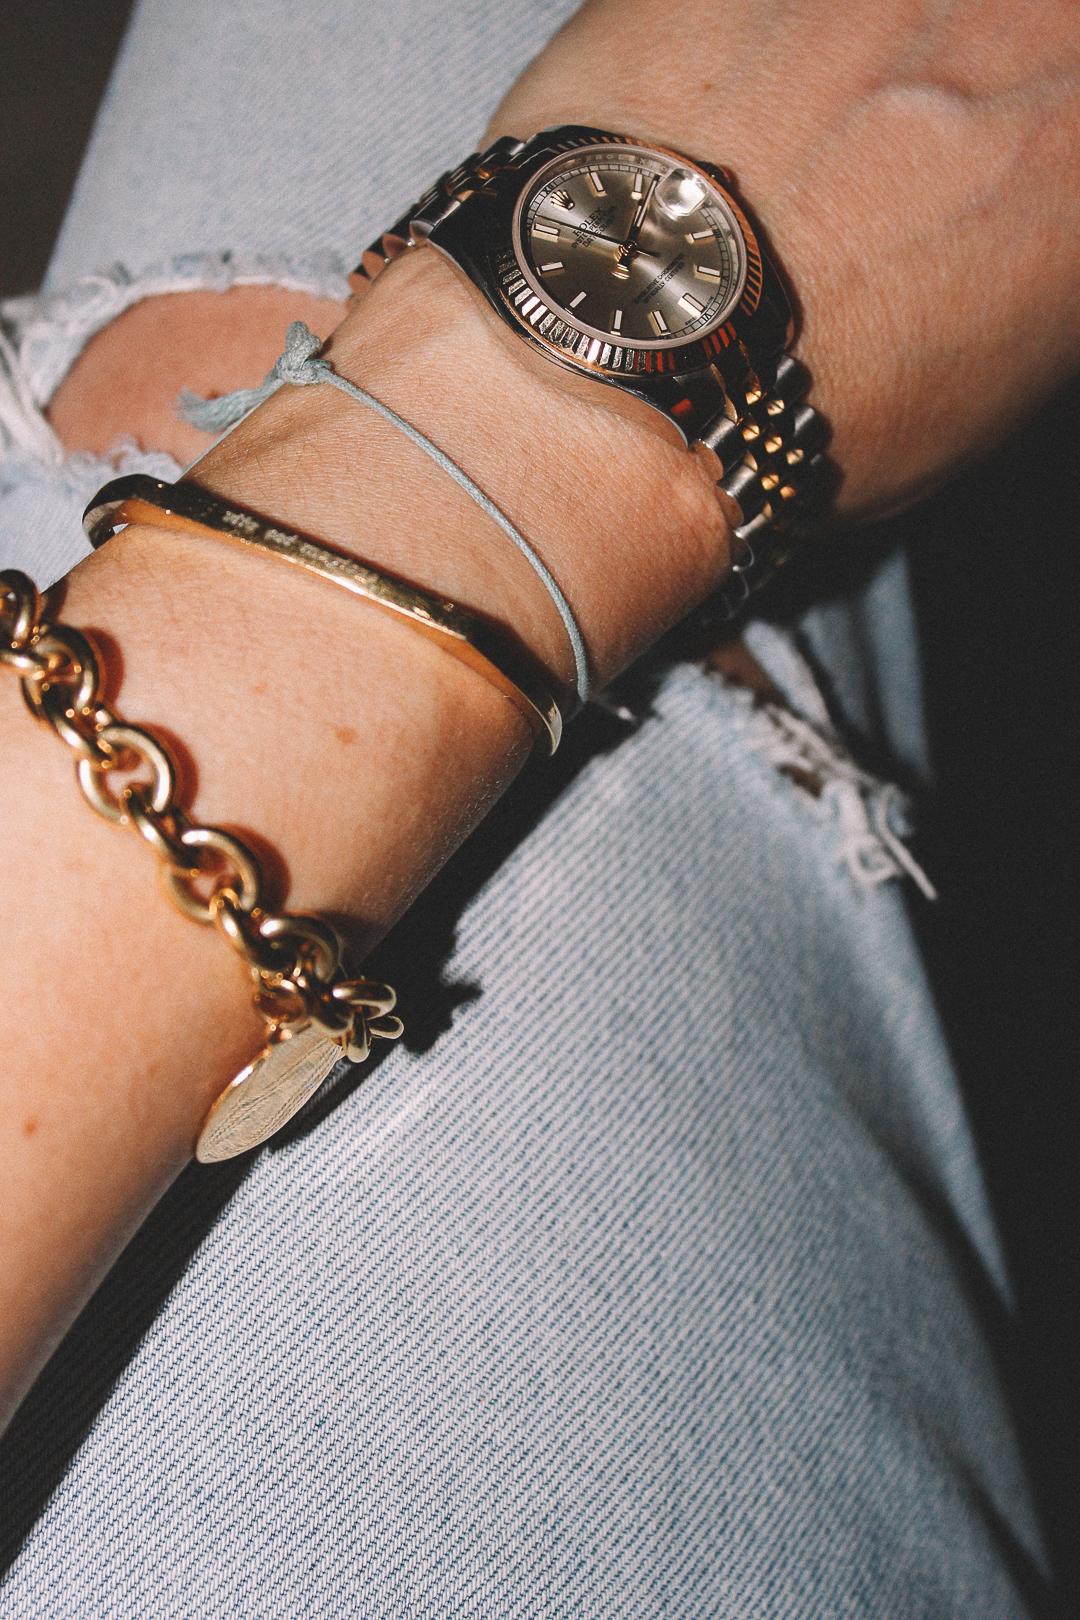 jewellery (11 of 12)